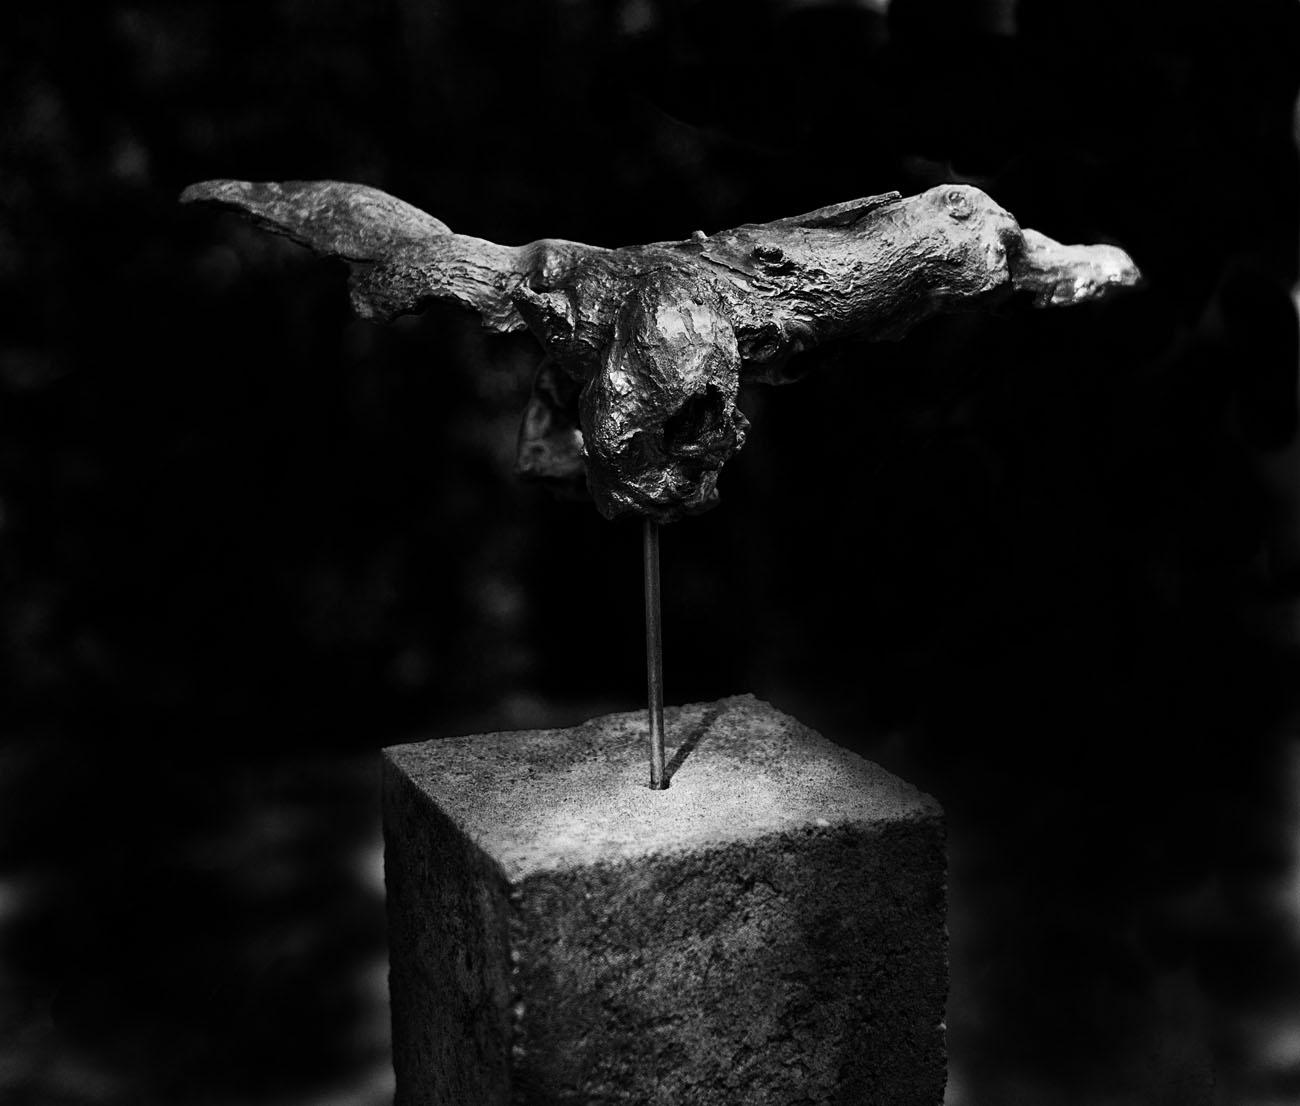 SkulpturengartenNr_0004_ex_L1004352NC